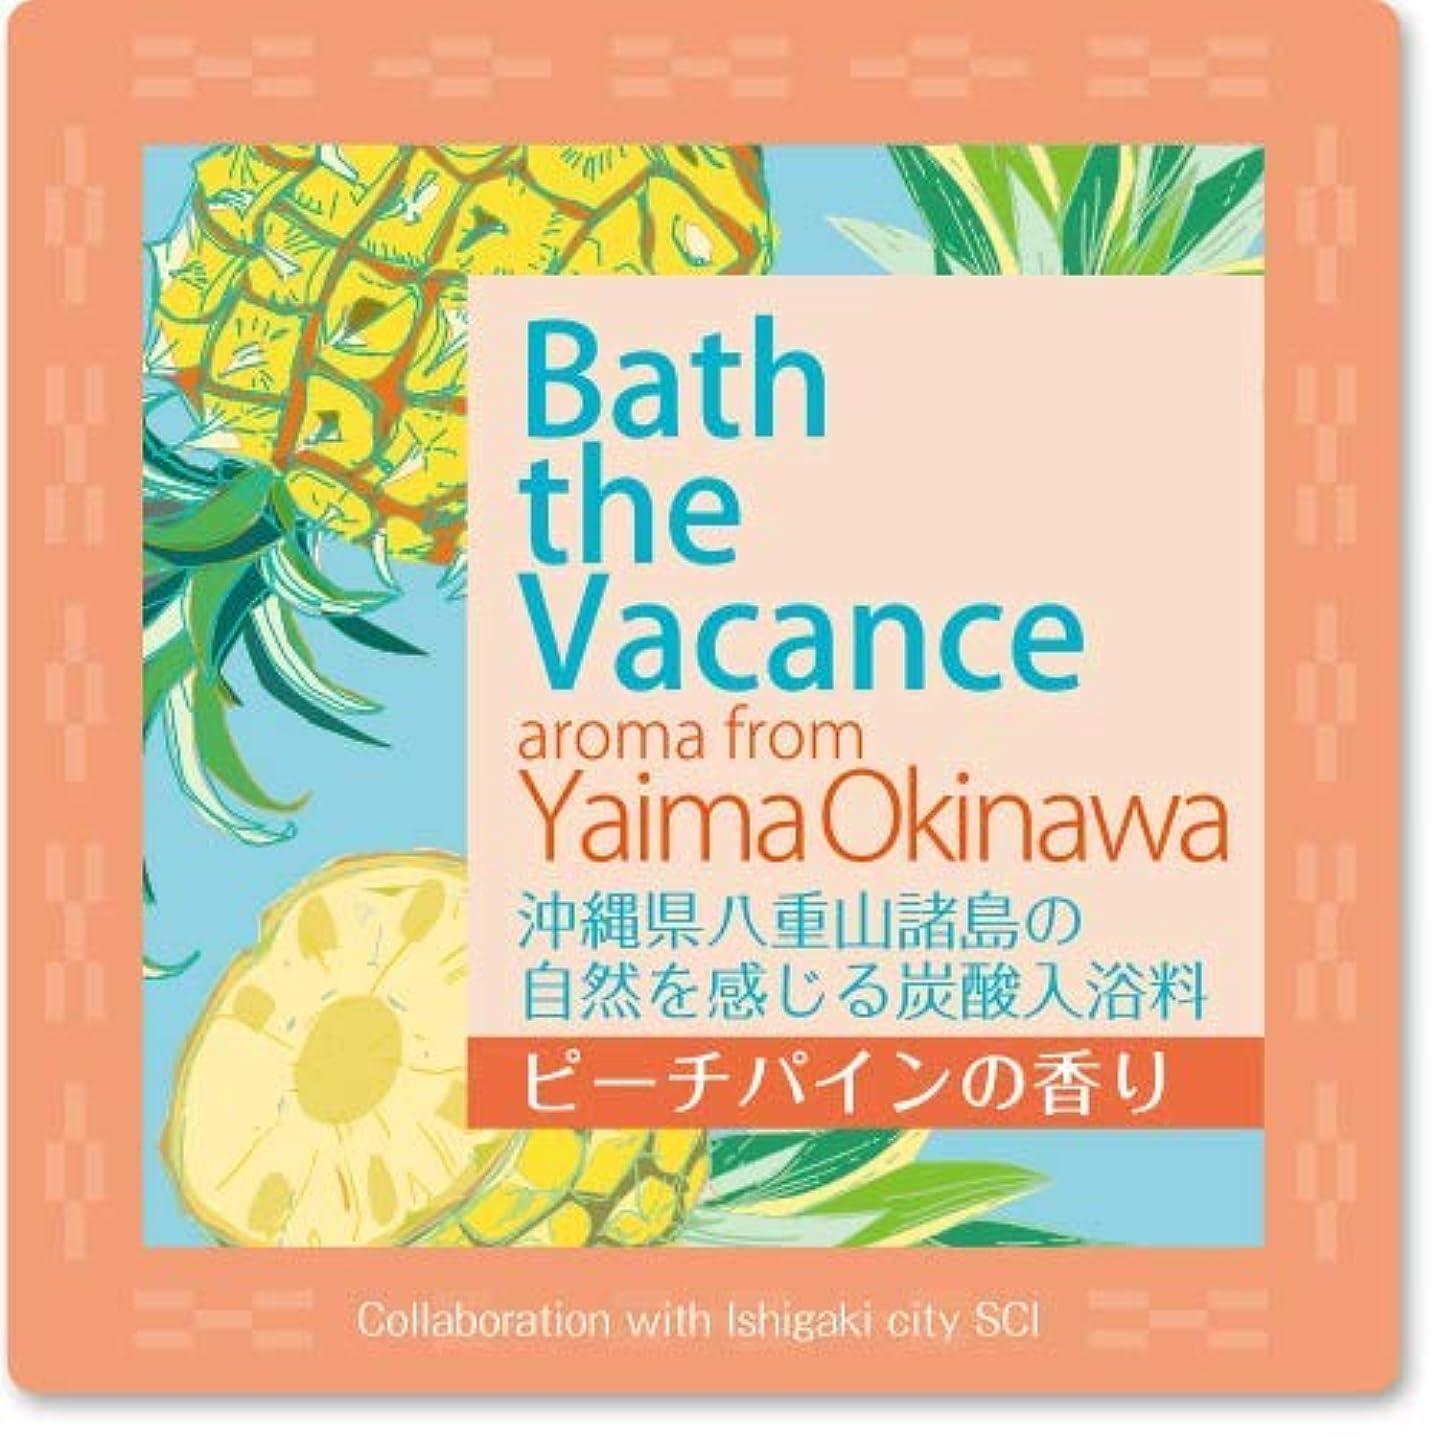 ハーブお風呂鉄道駅ピーチパインの香り 3袋セット